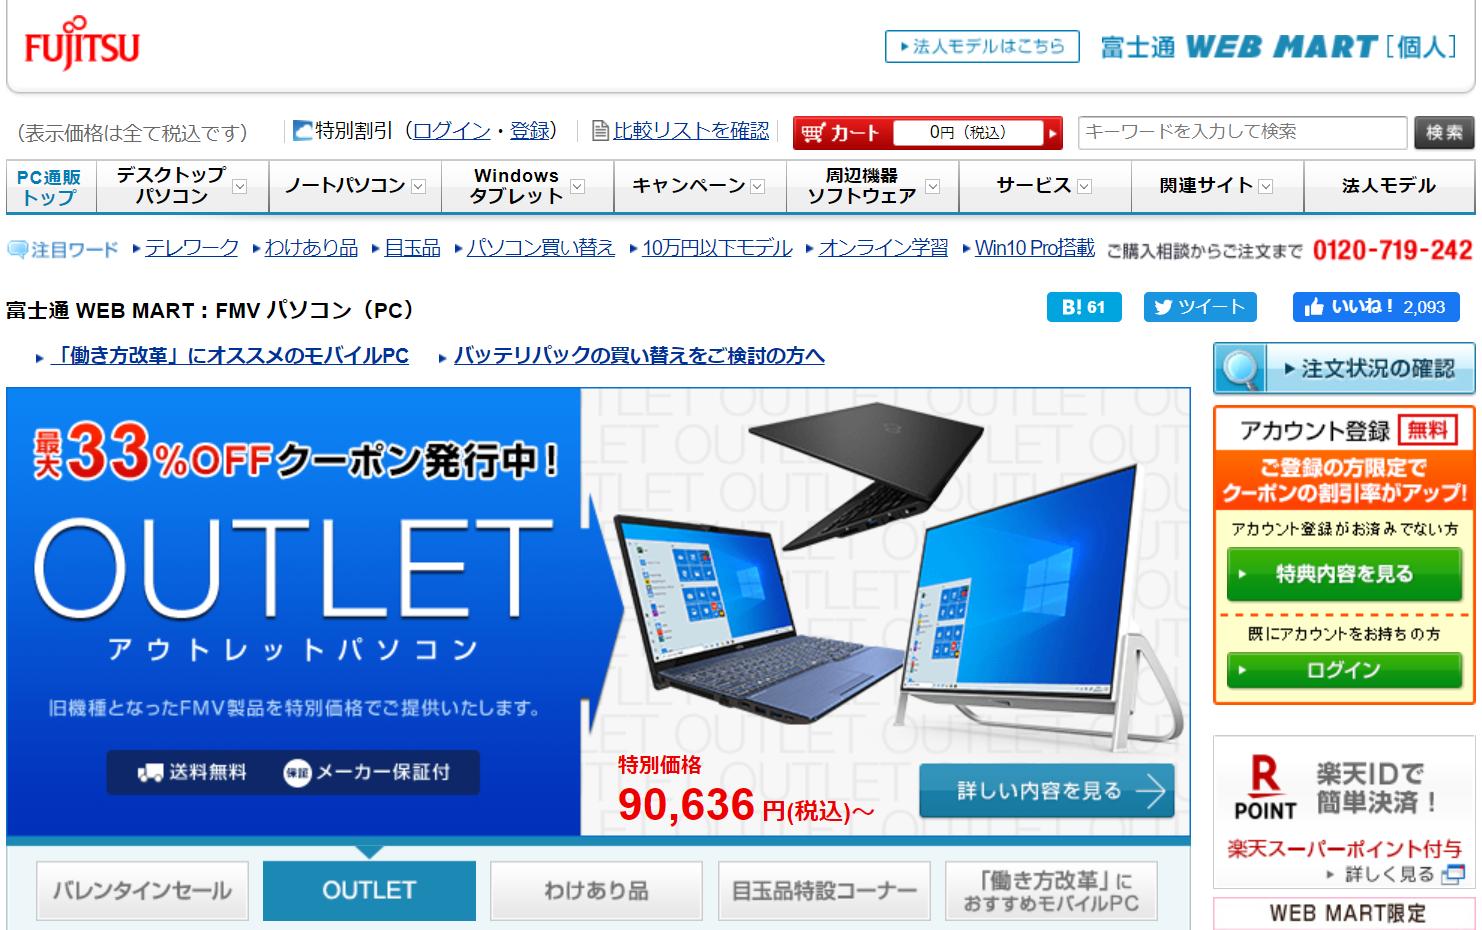 富士通サイト画像